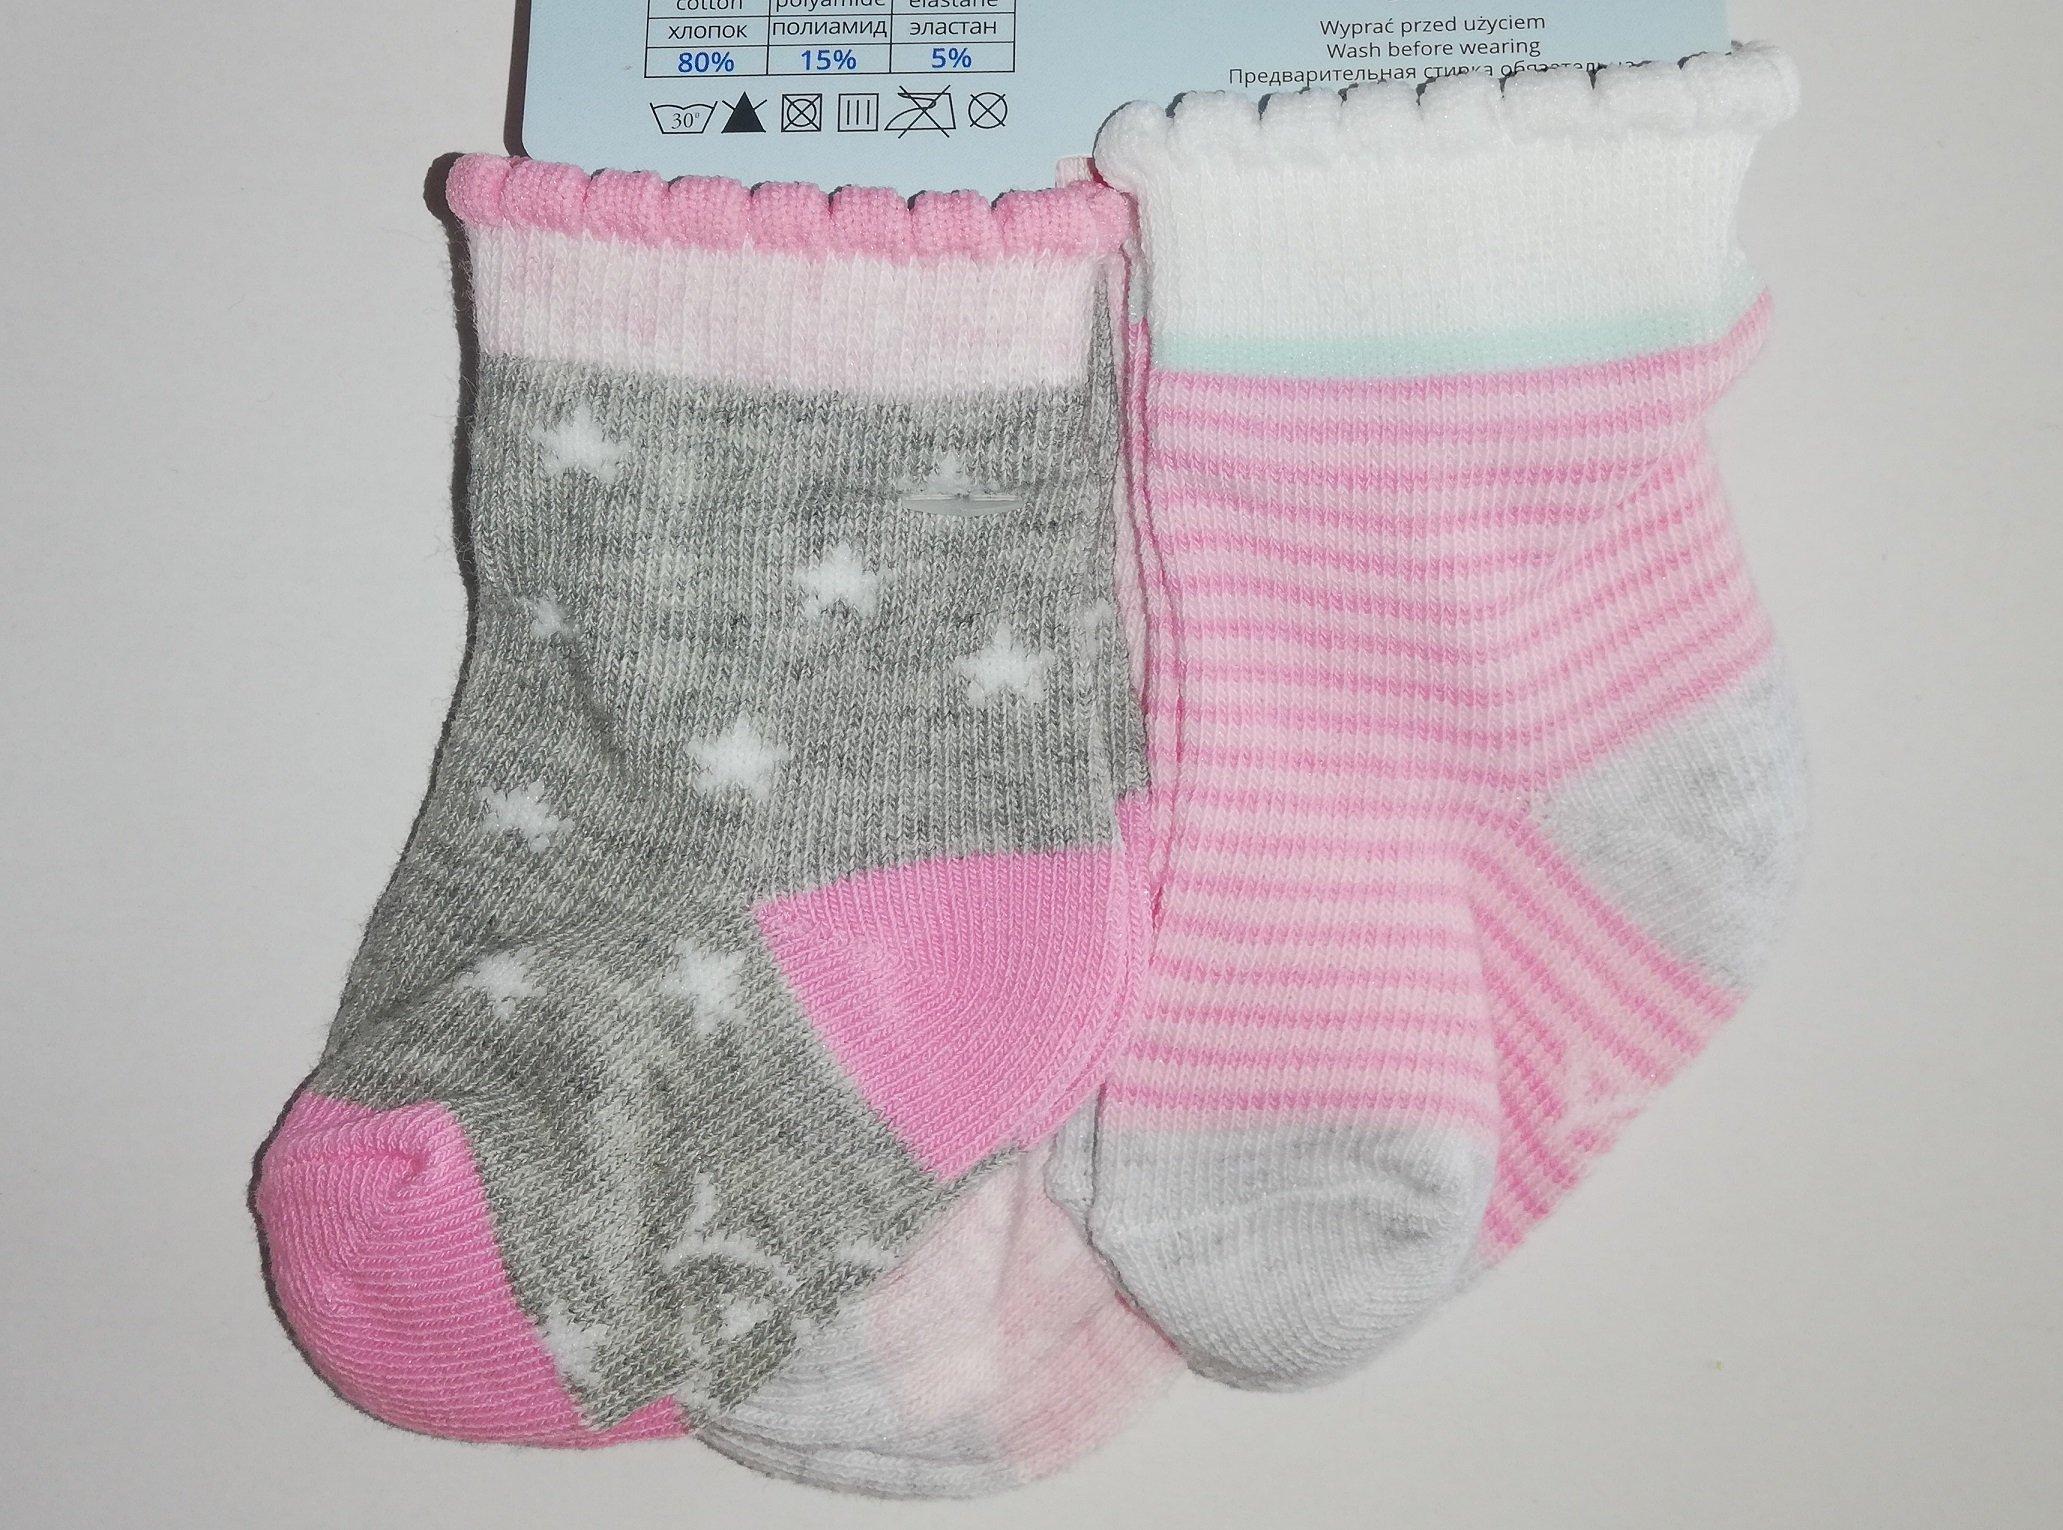 Pono�ky kojeneck� 3 p�ry v balen� 3-6m barevn� holka - zv��i� obr�zok